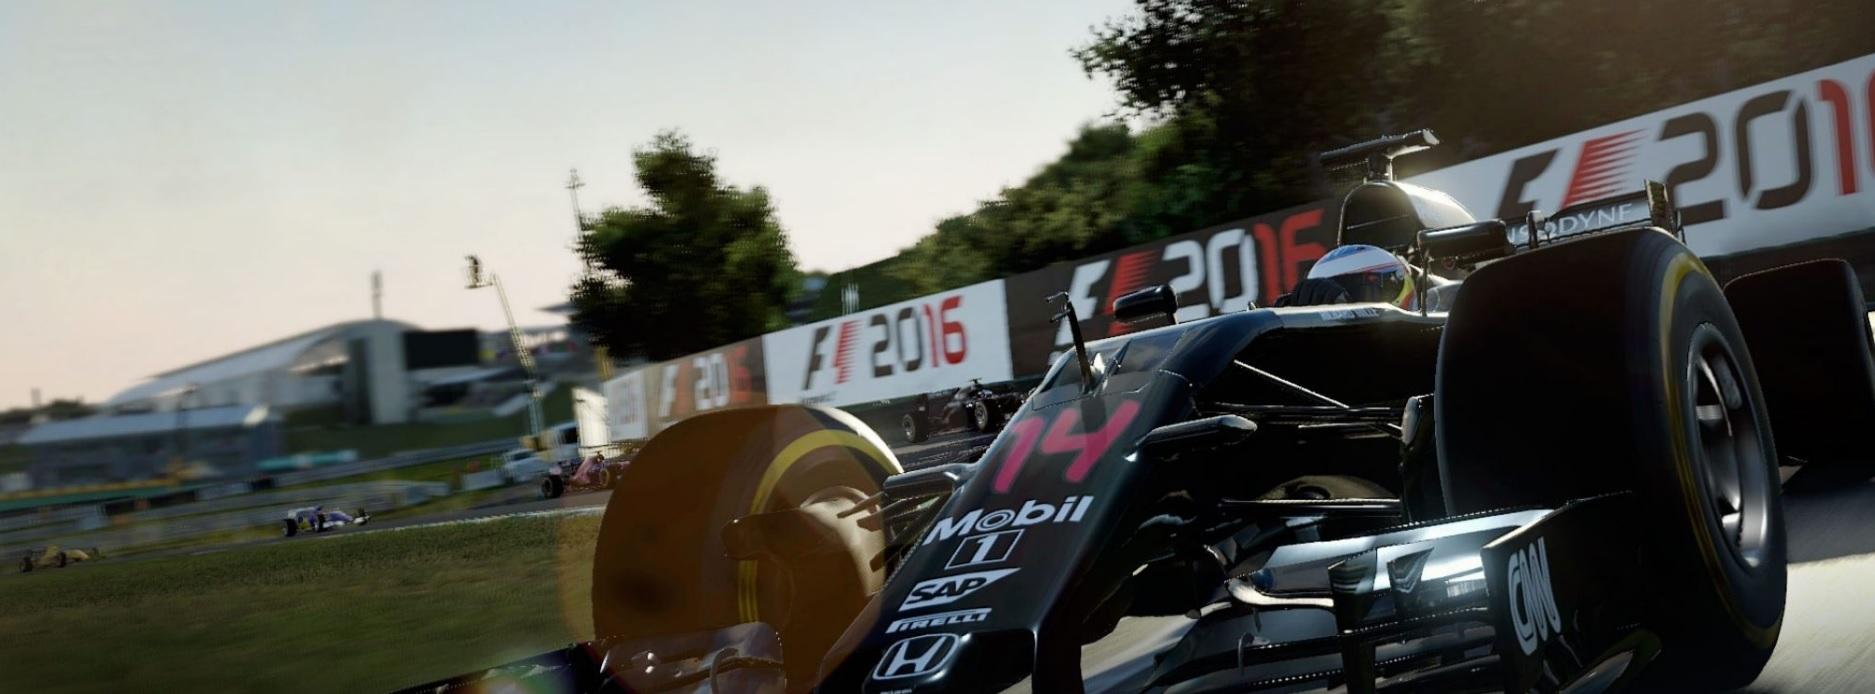 F1 2016: az új karrier móddal 10 szezont versenyezhetünk